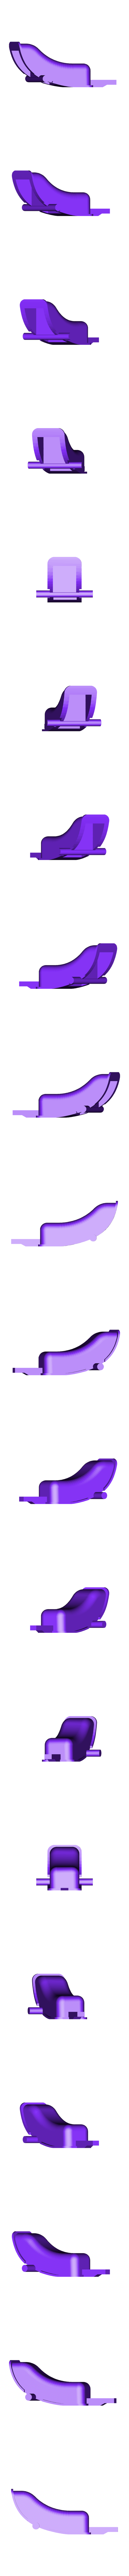 Gatillo.STL Télécharger fichier STL Rowenta DG920 Gâchette de rechange • Design pour imprimante 3D, koldofb